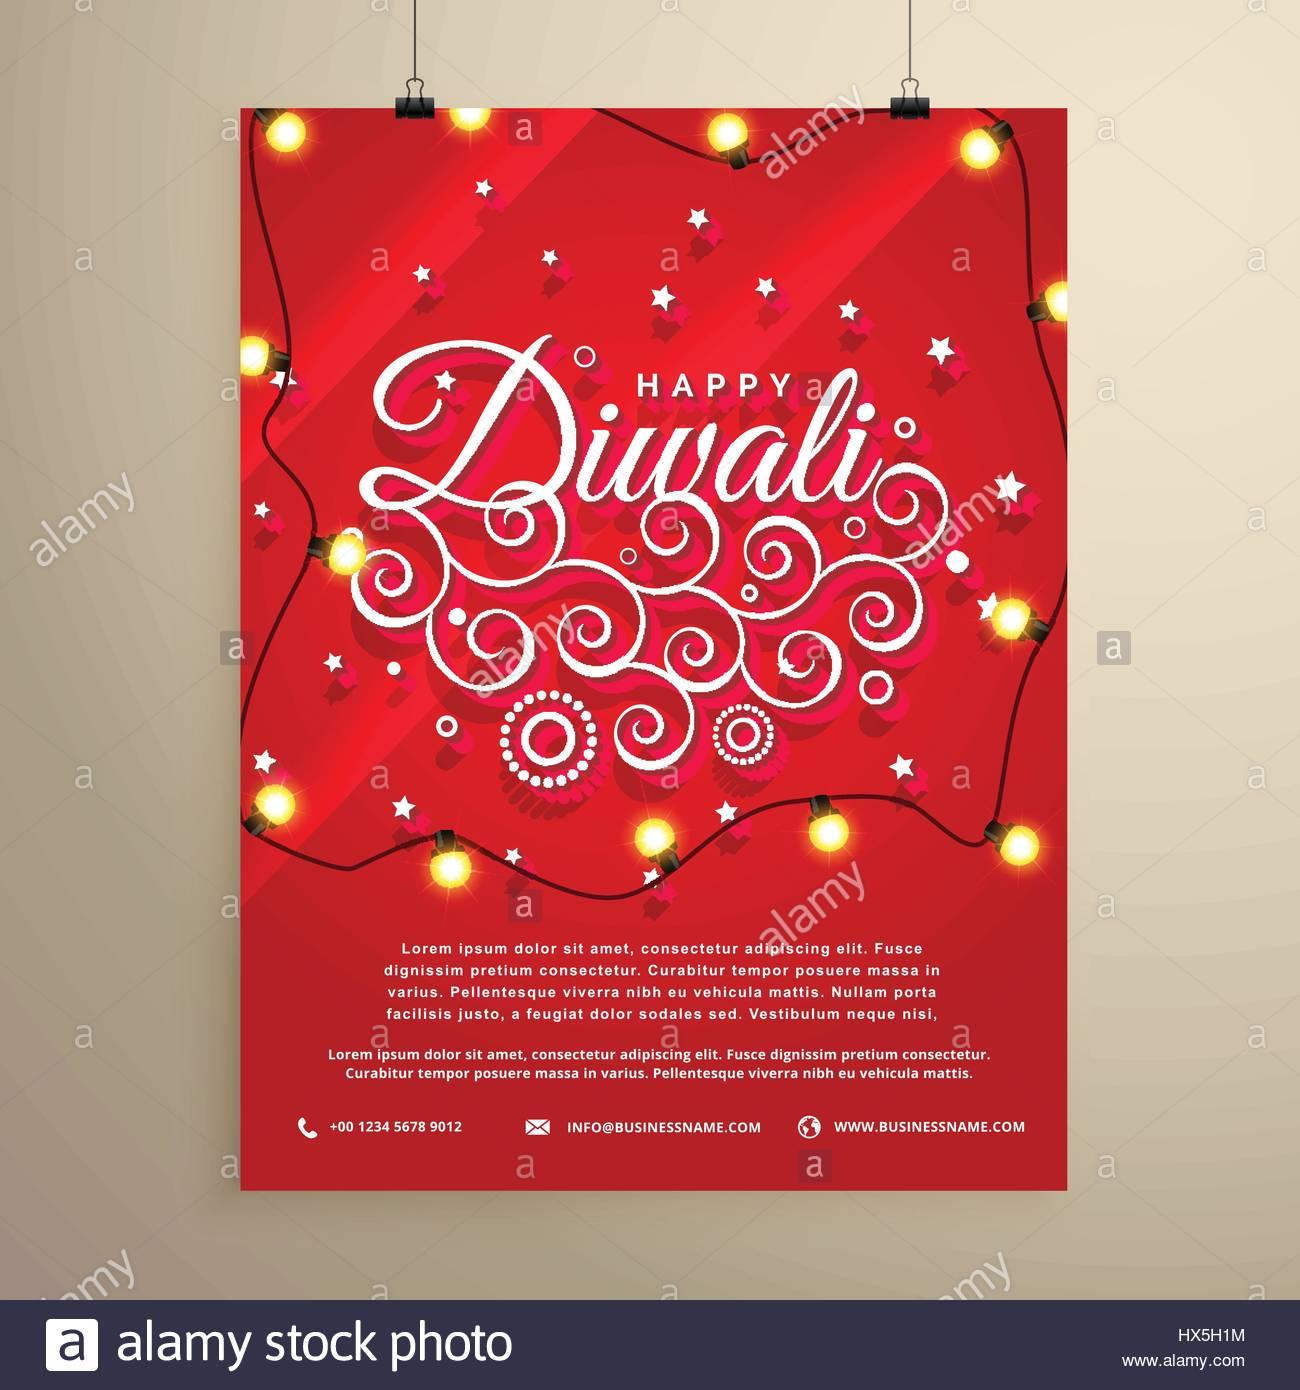 flyer invitation template - Timiz.conceptzmusic.co